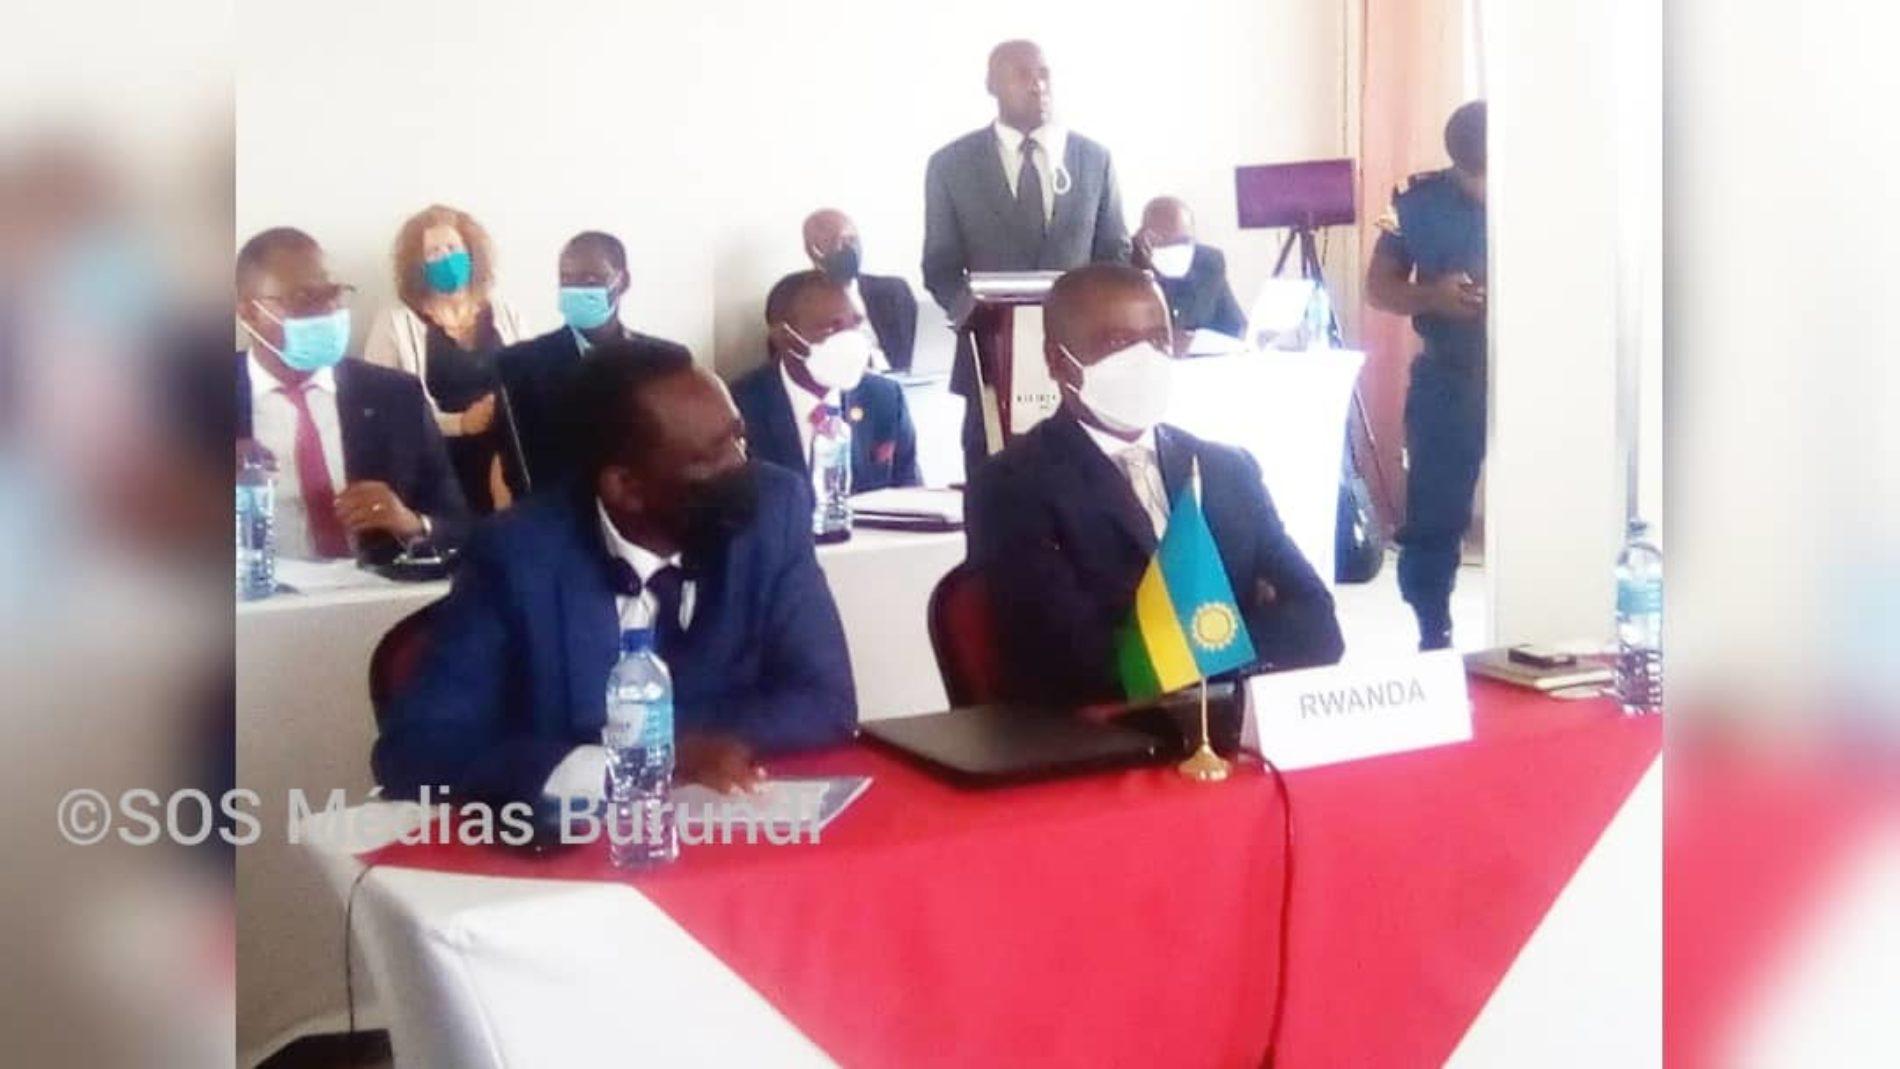 Grands Lacs : les groupes armés en RDC préoccupent la sous région